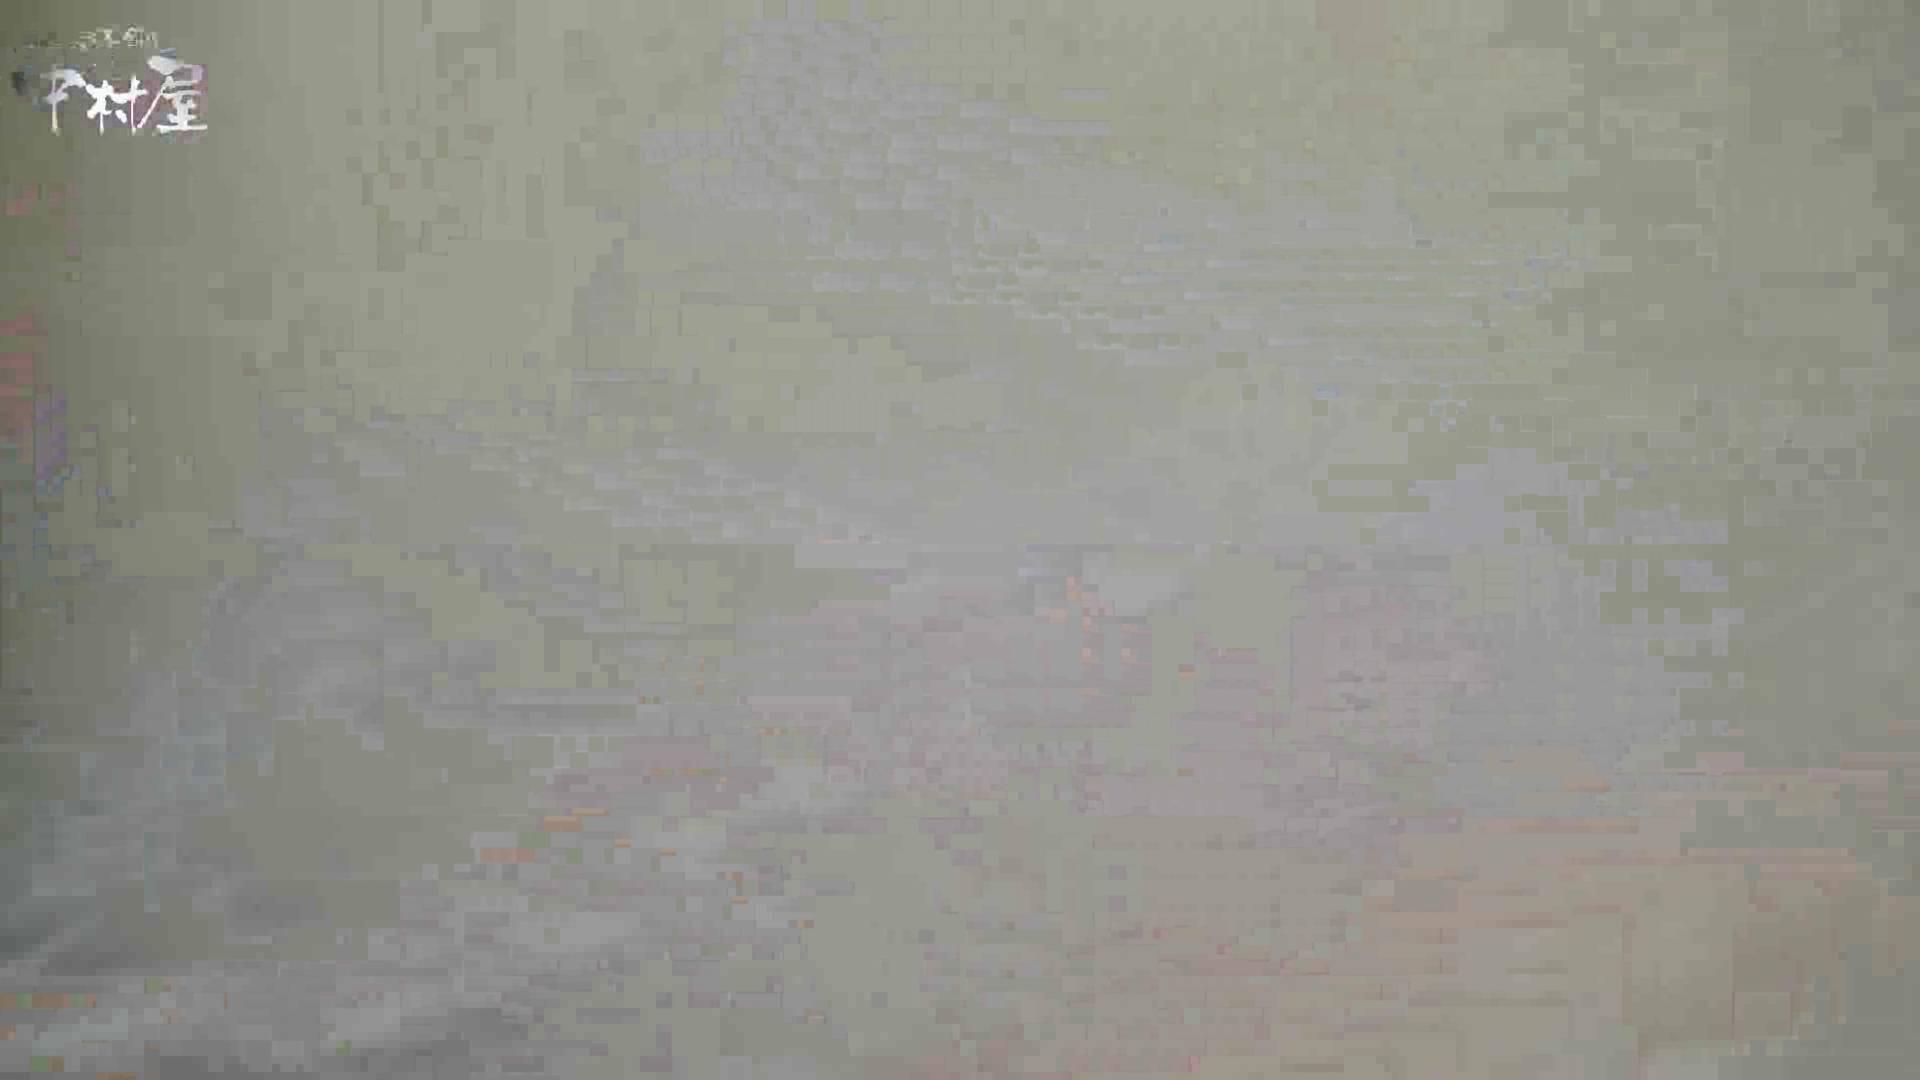 ネムリ姫 vol.42 前編 下着 エロ画像 78PIX 64